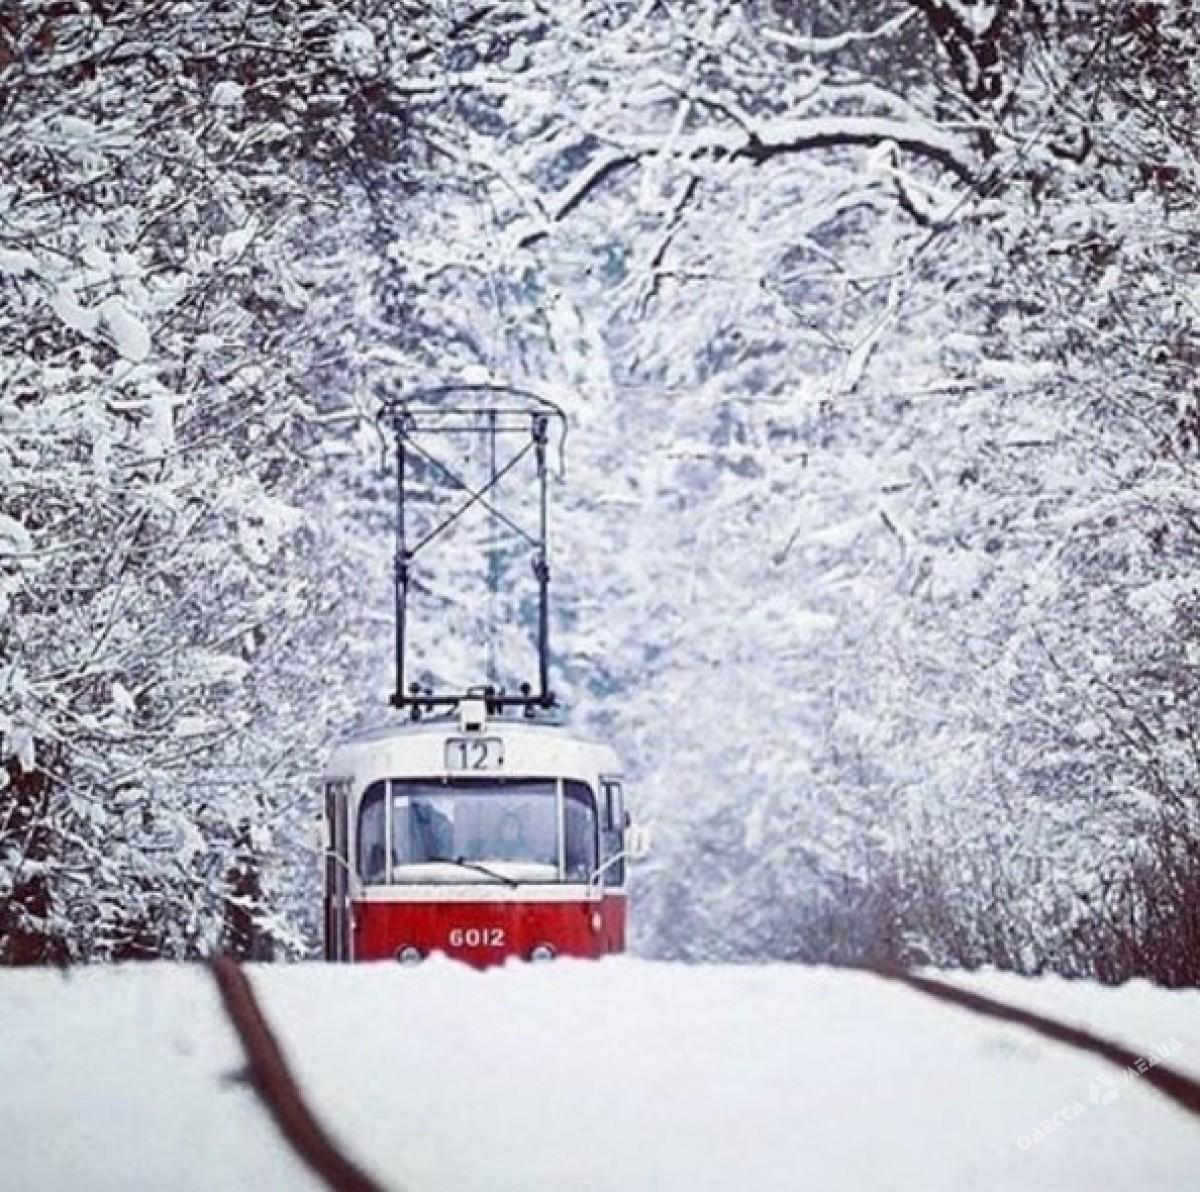 de606fcbfc628dbcd95567b38c61999a Зимняя Одесса: пес-снеговик, одинокий Дюк и машины в сугробах